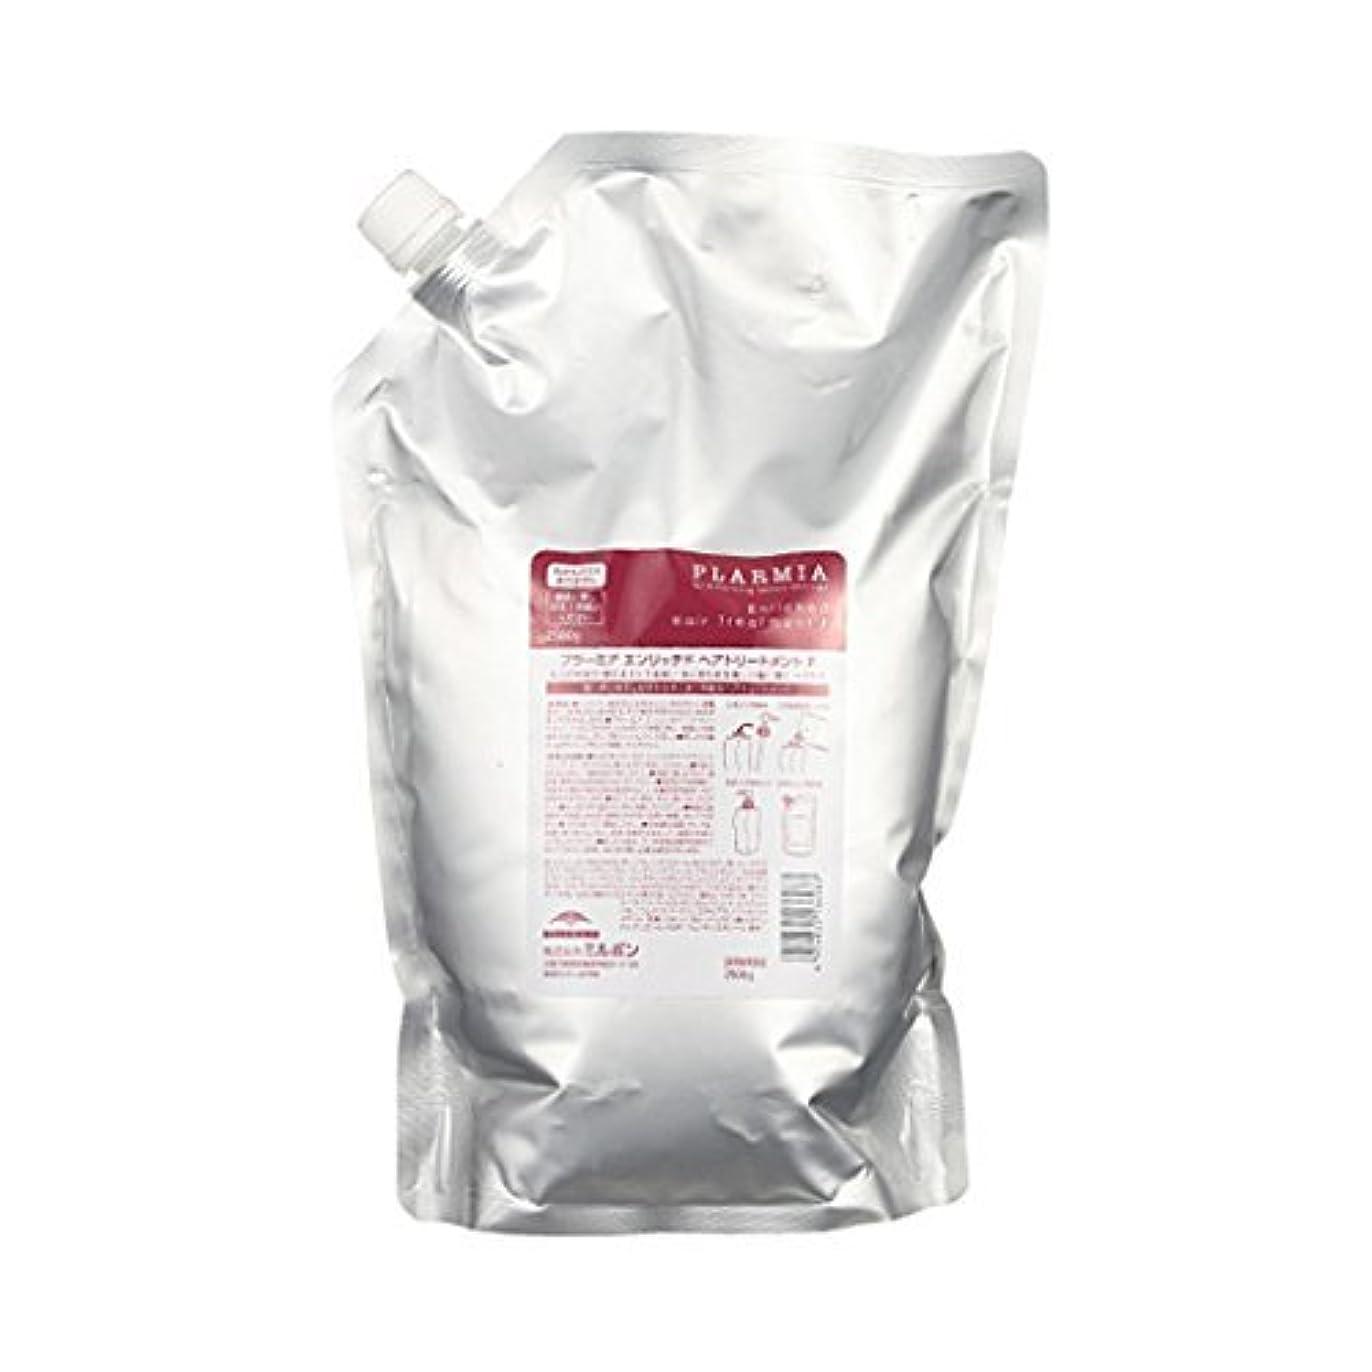 あらゆる種類のゴシップ開始ミルボン プラーミア エンリッチド トリートメントF (2500gパック) 詰替用